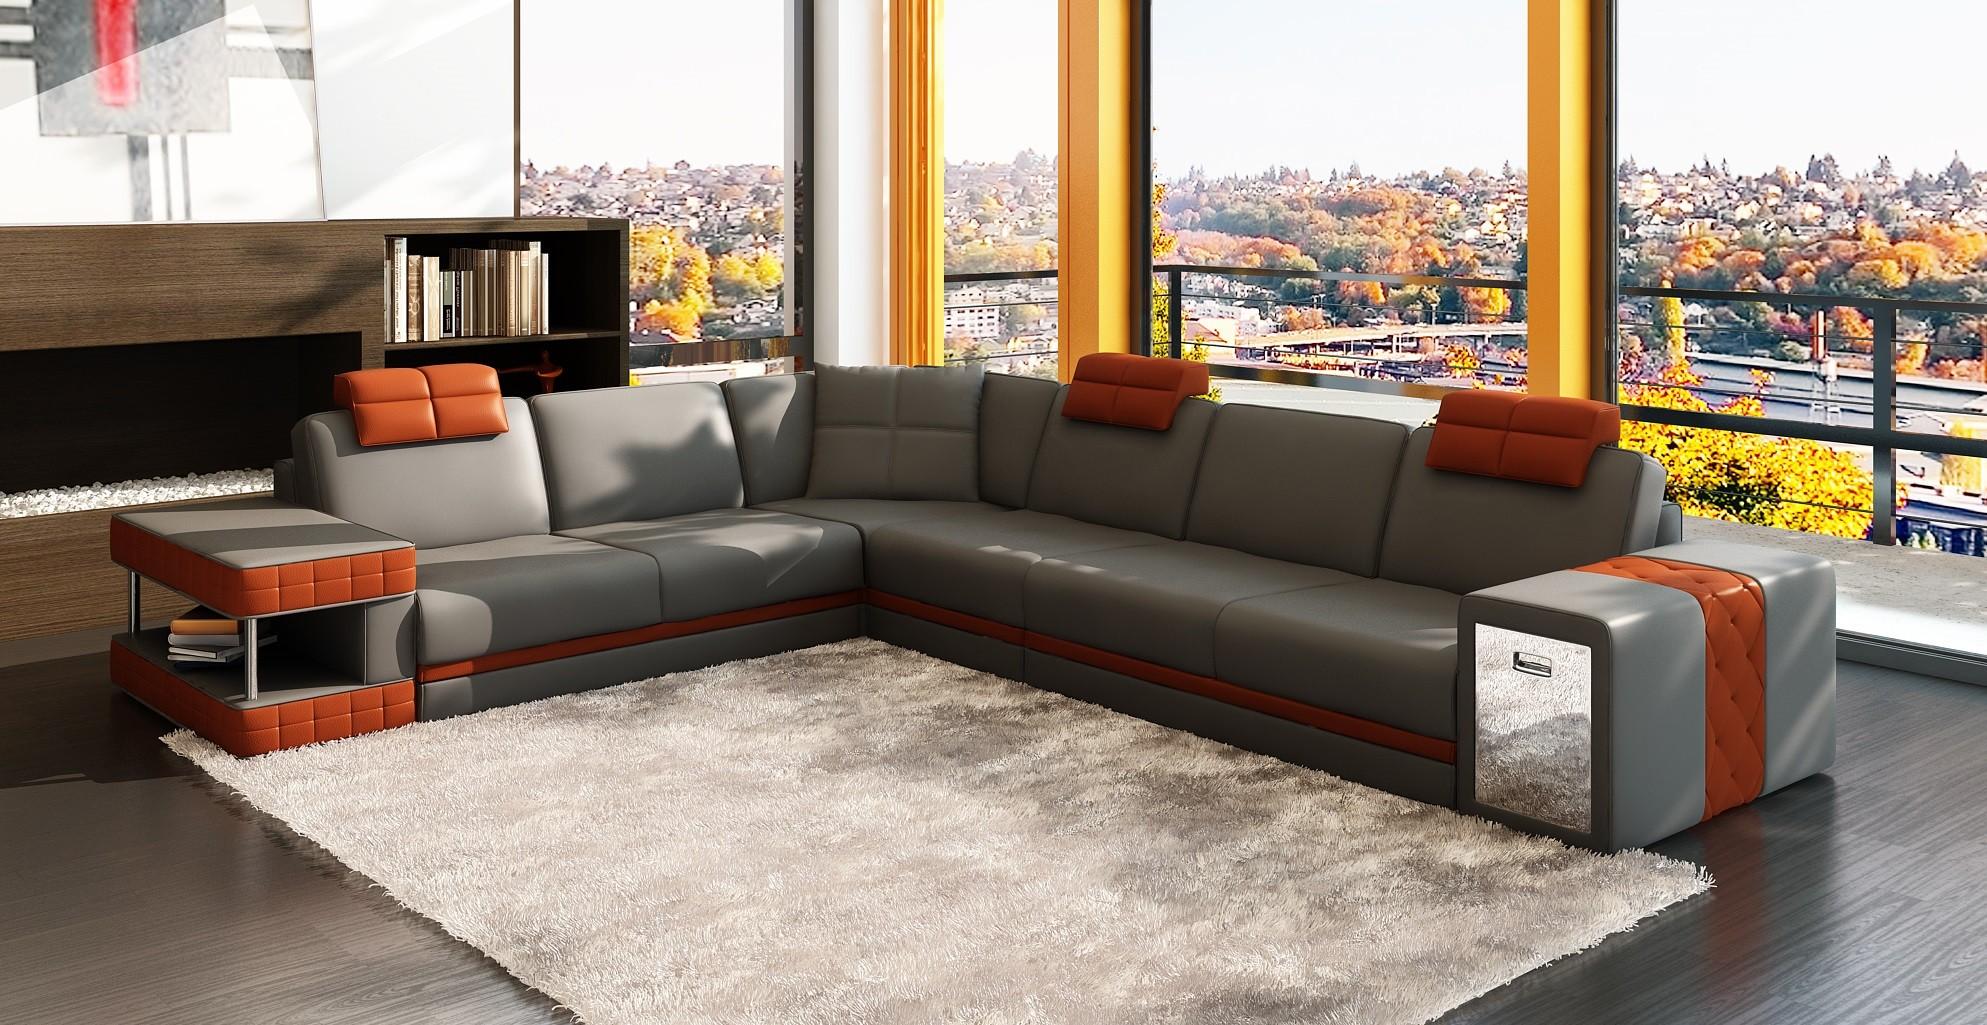 Оригинальный мягкий угловой диван в интерьере